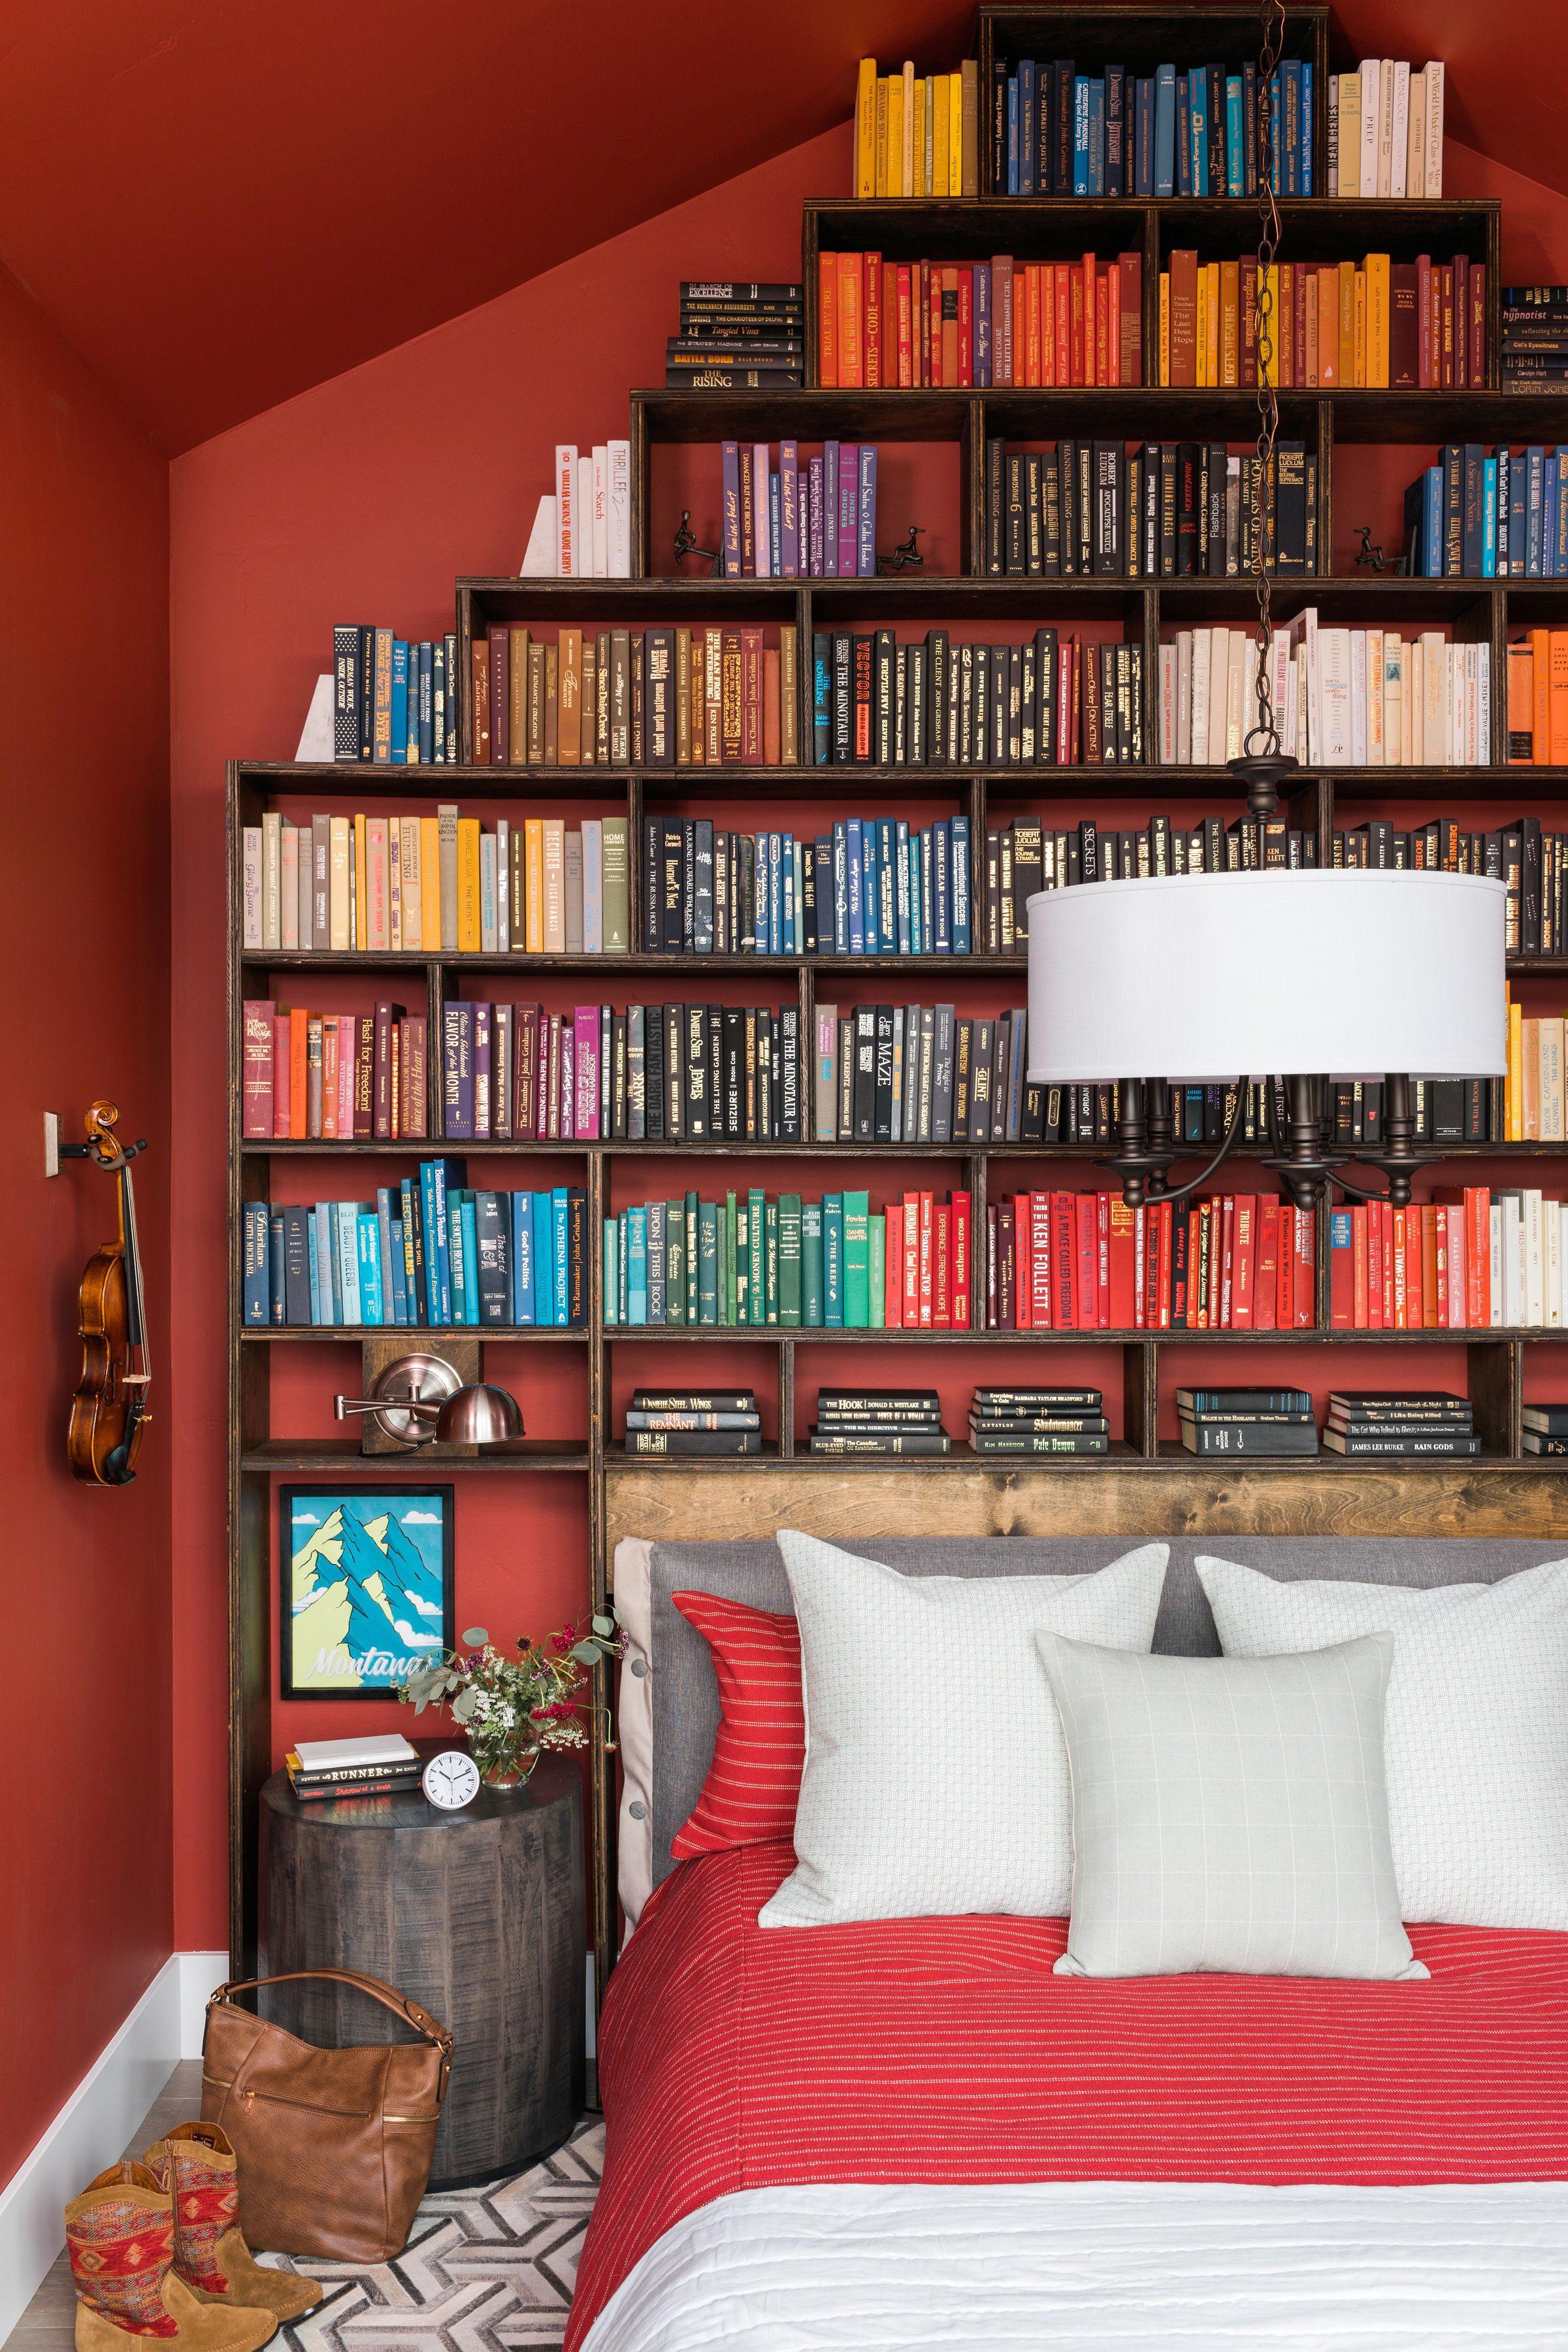 HGTV Dream Home Library Bedroom.jpg